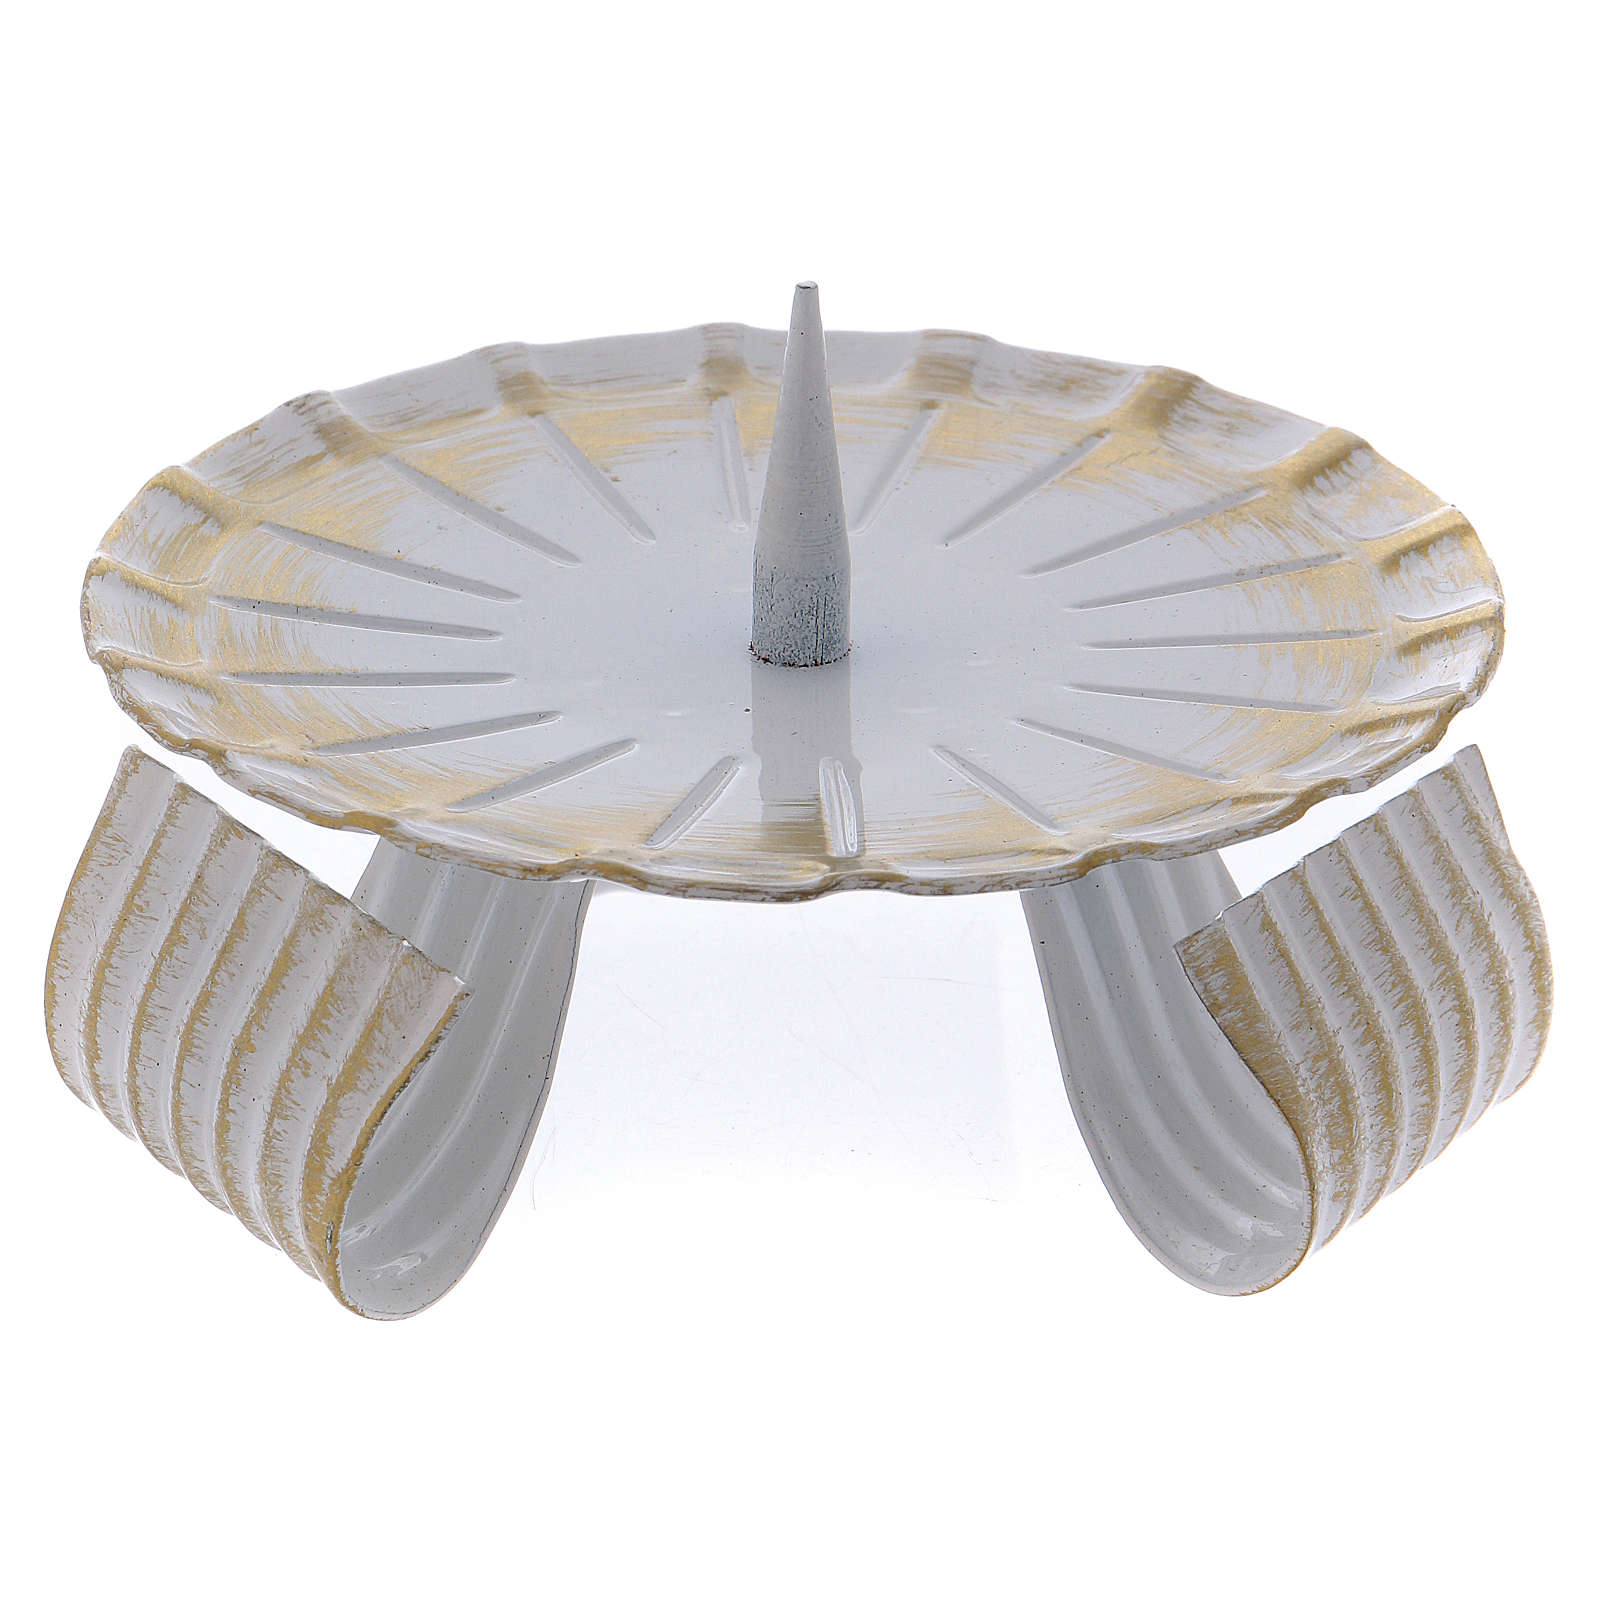 Portacandela in ferro laccato bianco e oro base treppiedi 10 cm 3